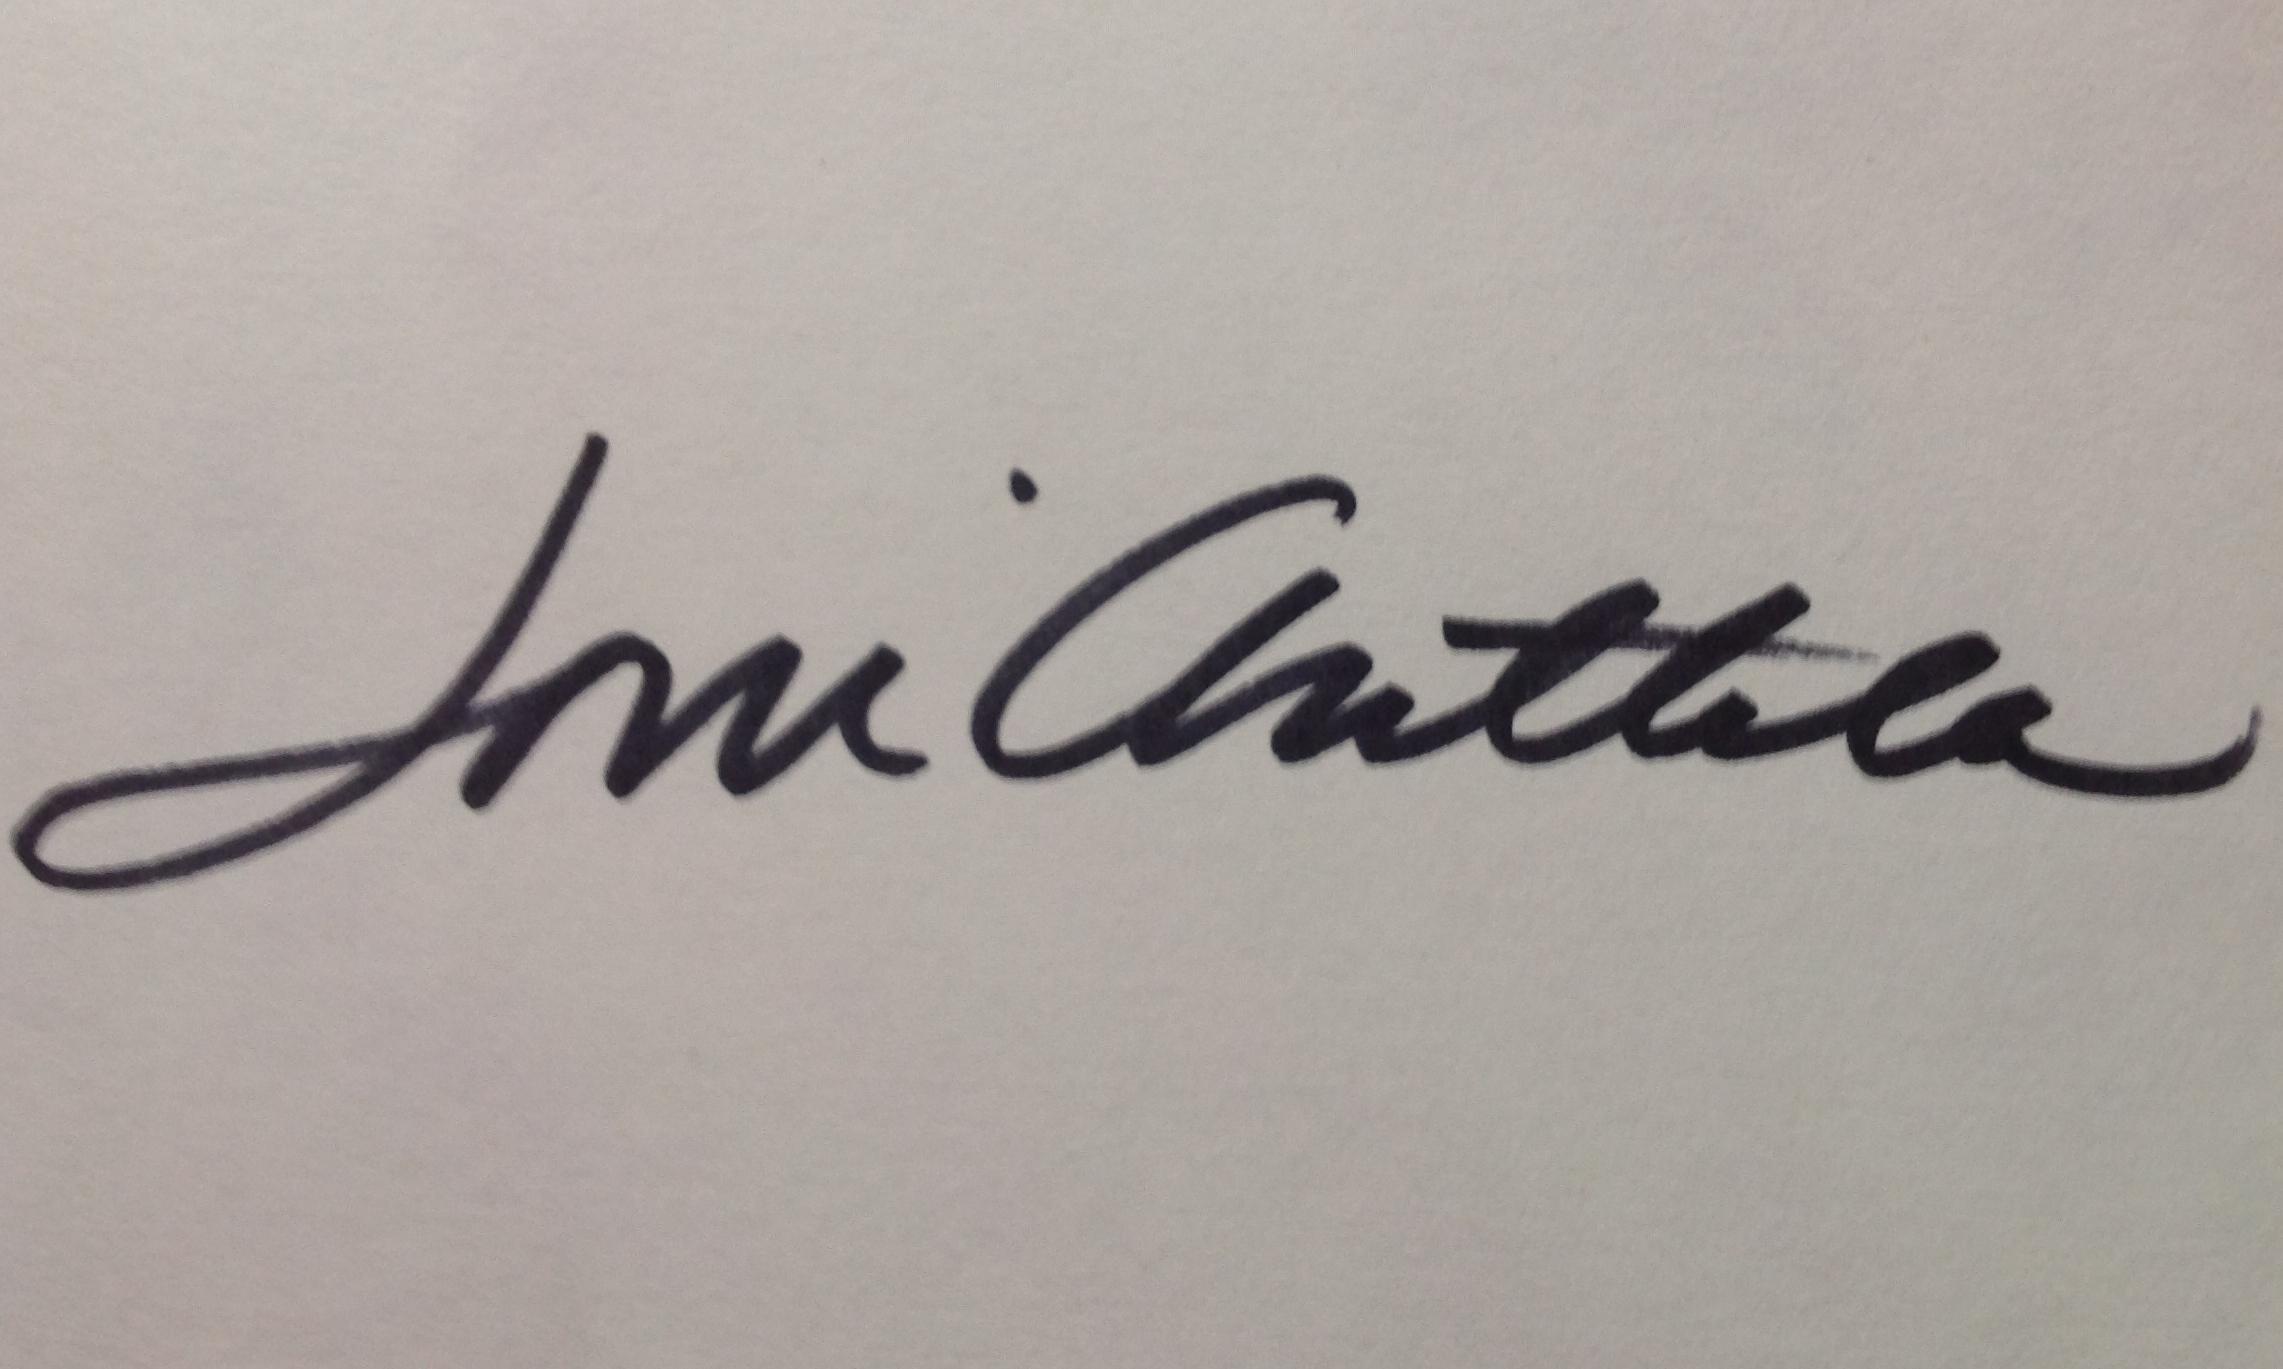 Joni Anttila Signature